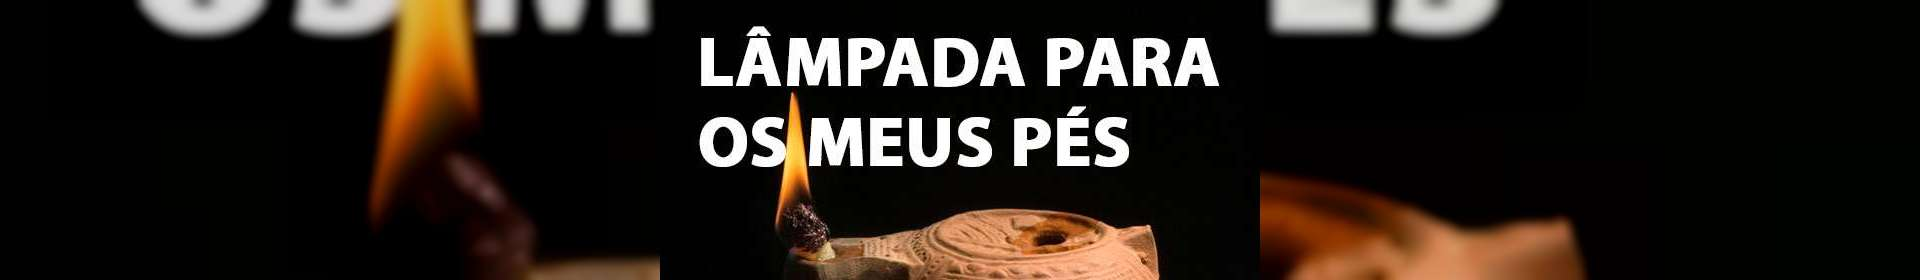 Lâmpada Para os Meus Pés - 01/03/2021